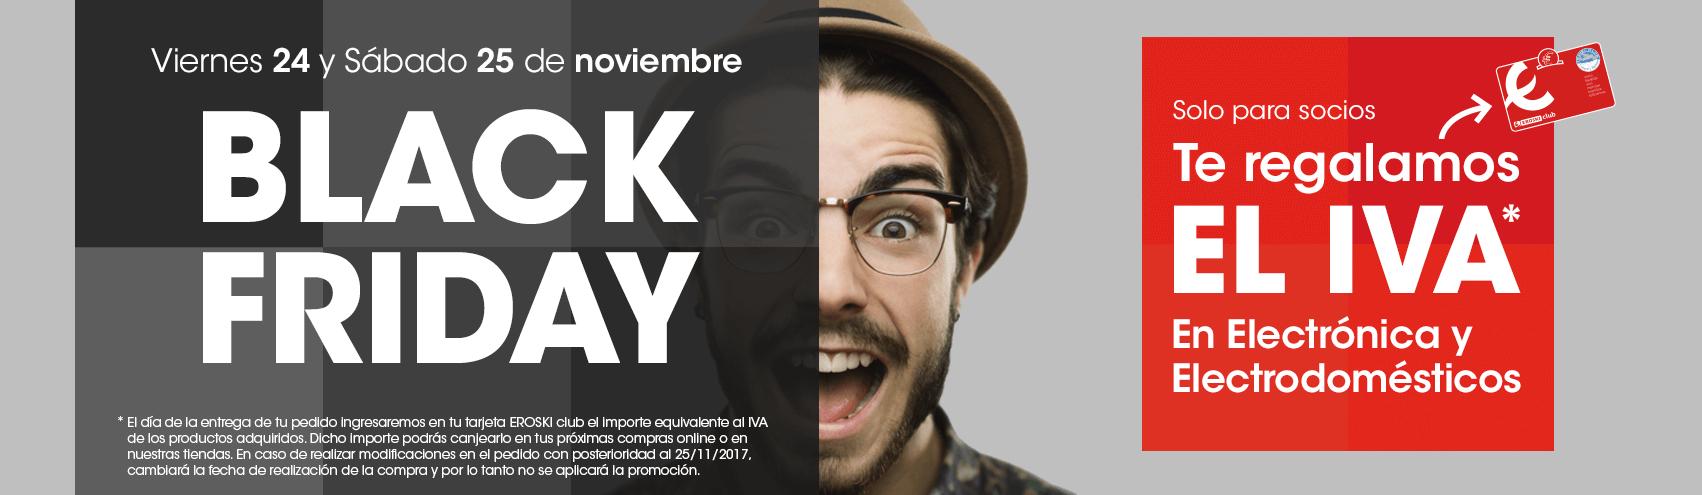 Chollo Black Friday: Eroski devuelve el IVA en Electrónica y Electrodomésticos